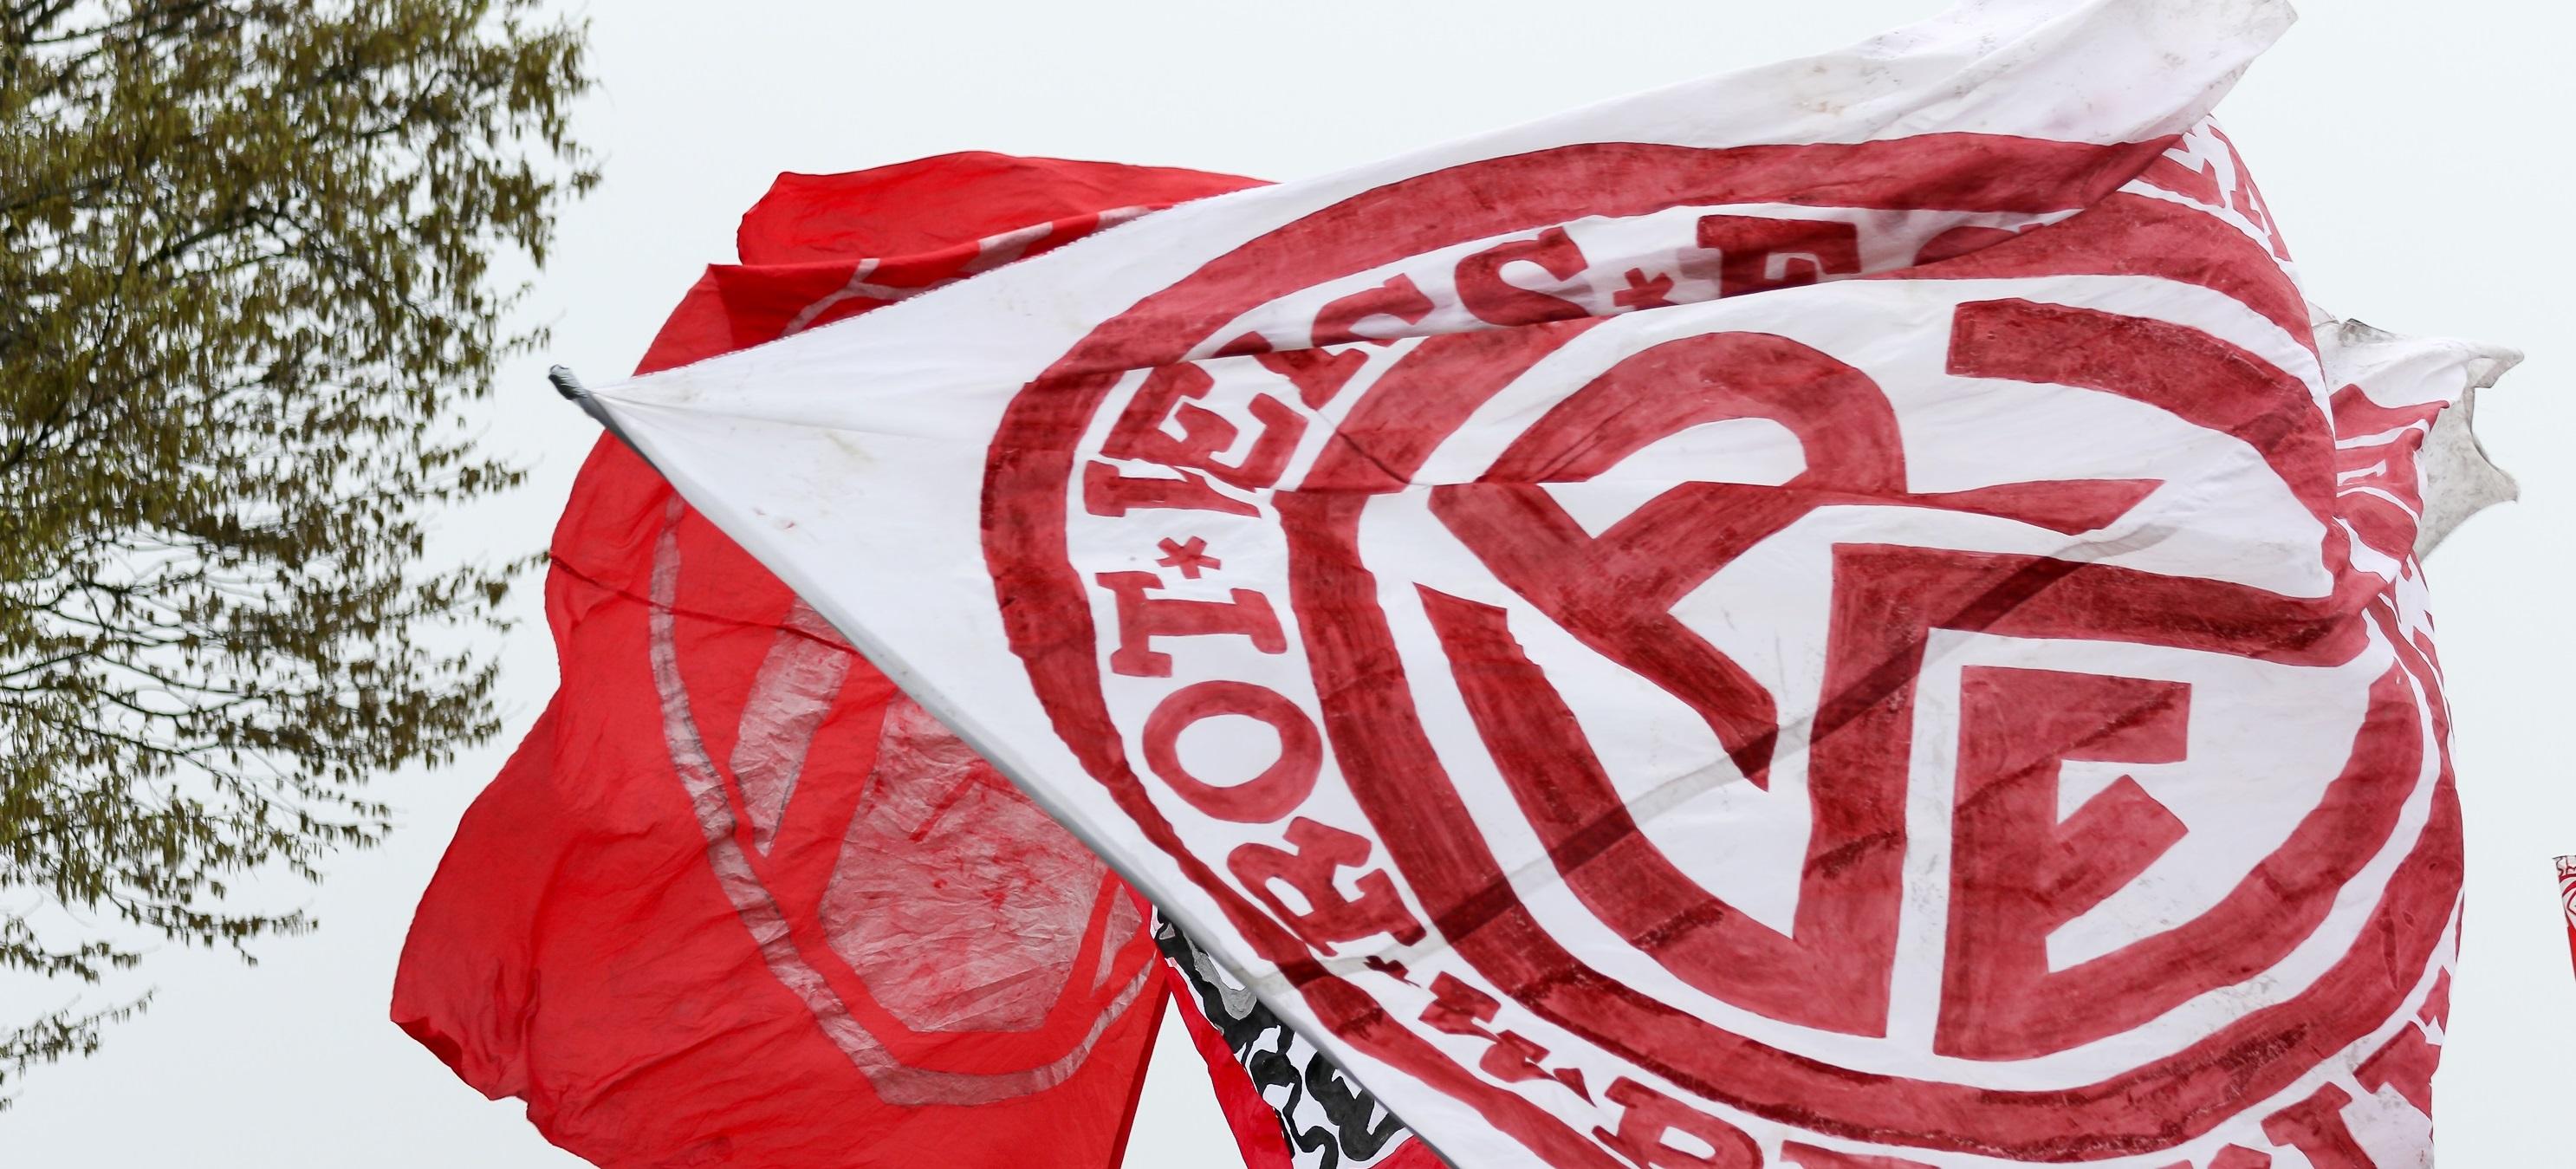 Am Sonntag treffen die Rot-Weissen auf den VfB Homberg. (Foto: Endberg)